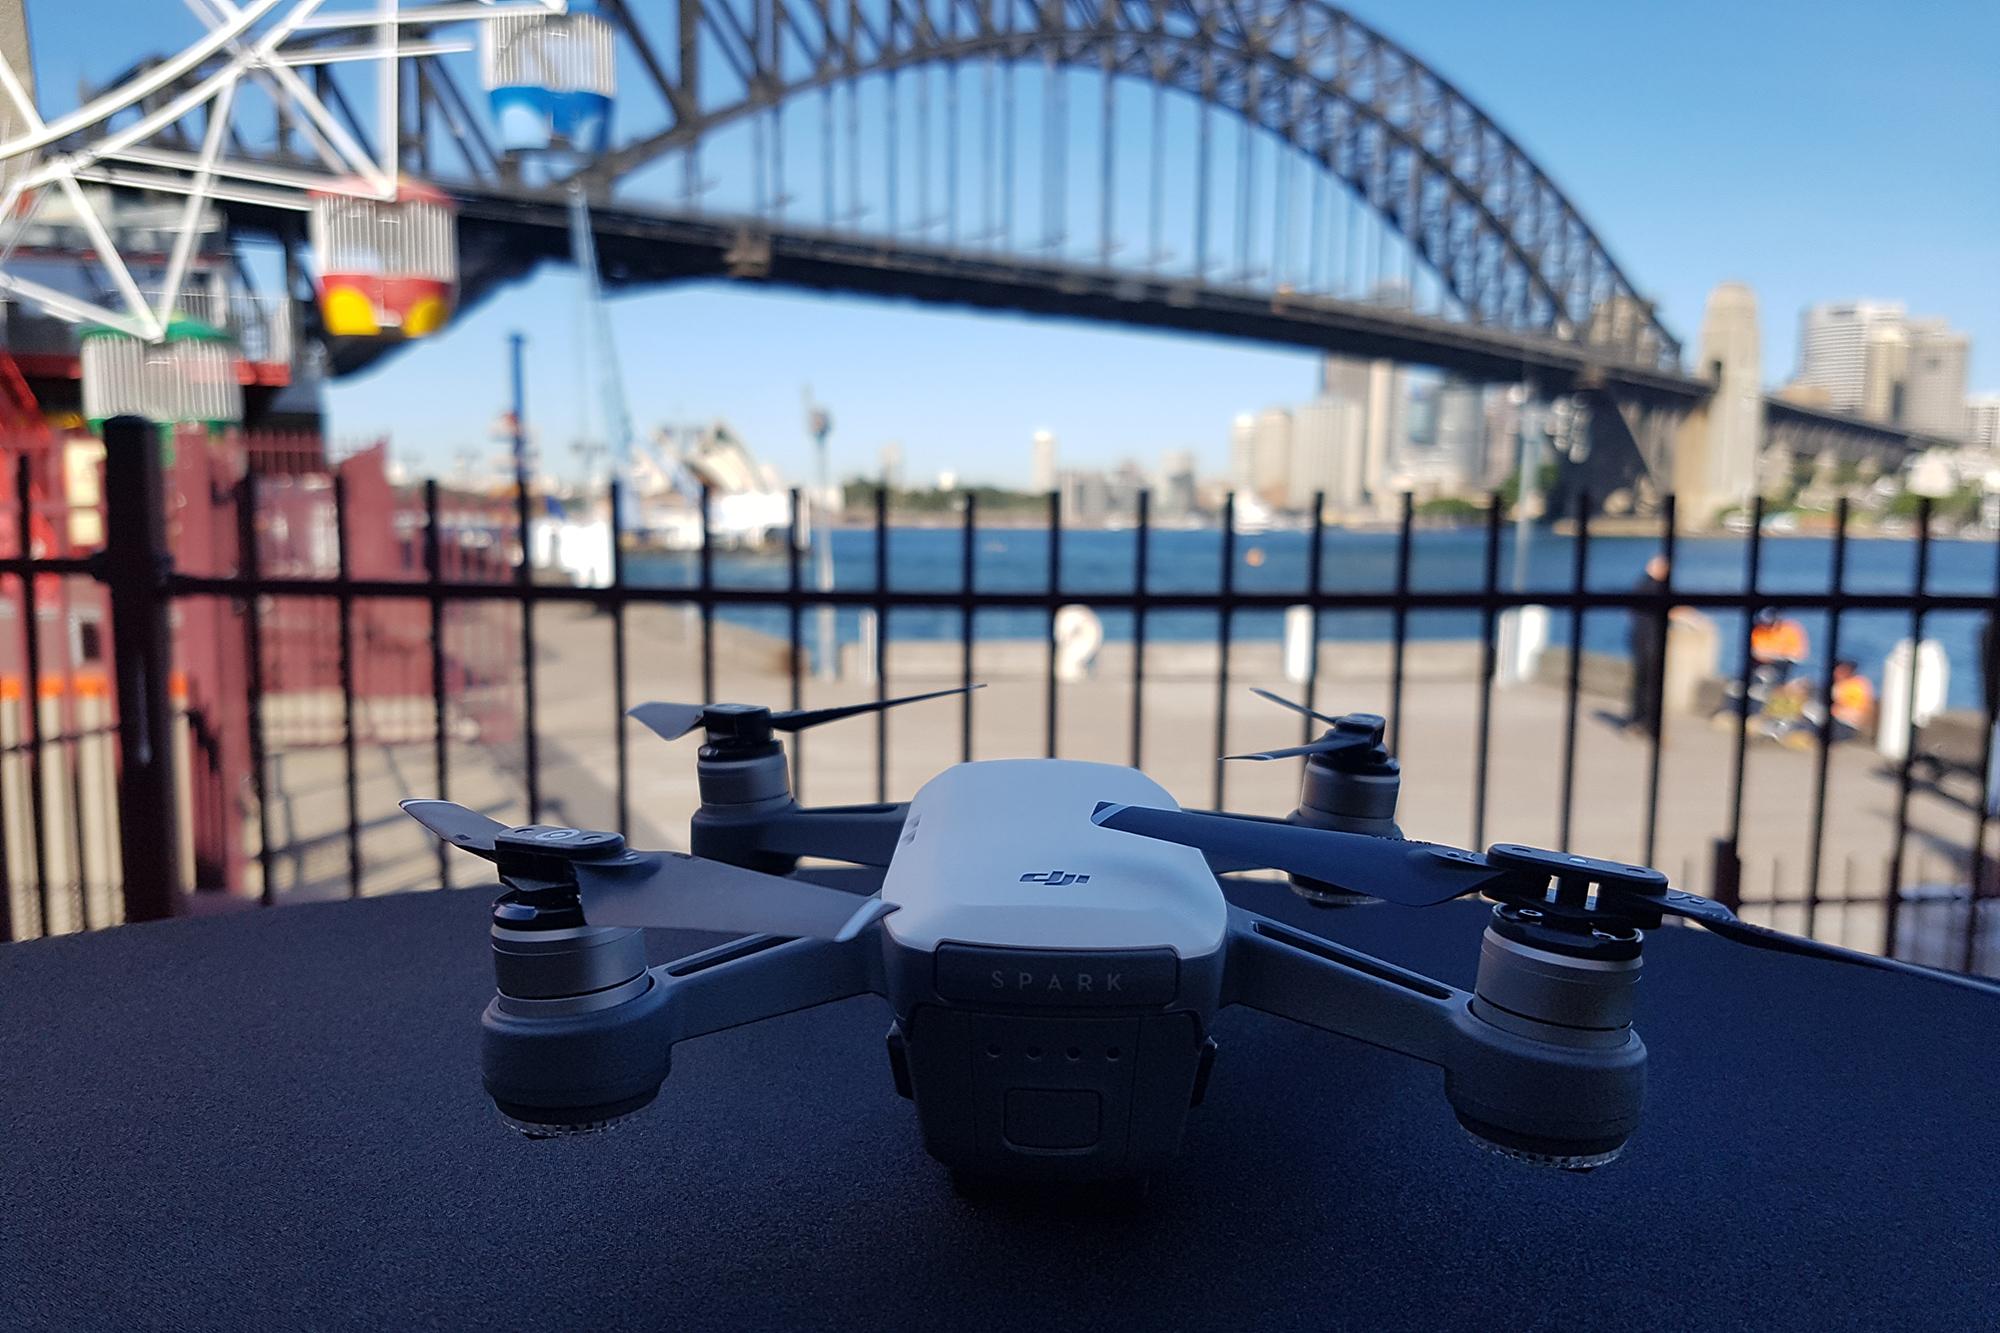 DJI Spark Harbour Bridge Hot Drone Maker DJI Deliver A Big Spark Device